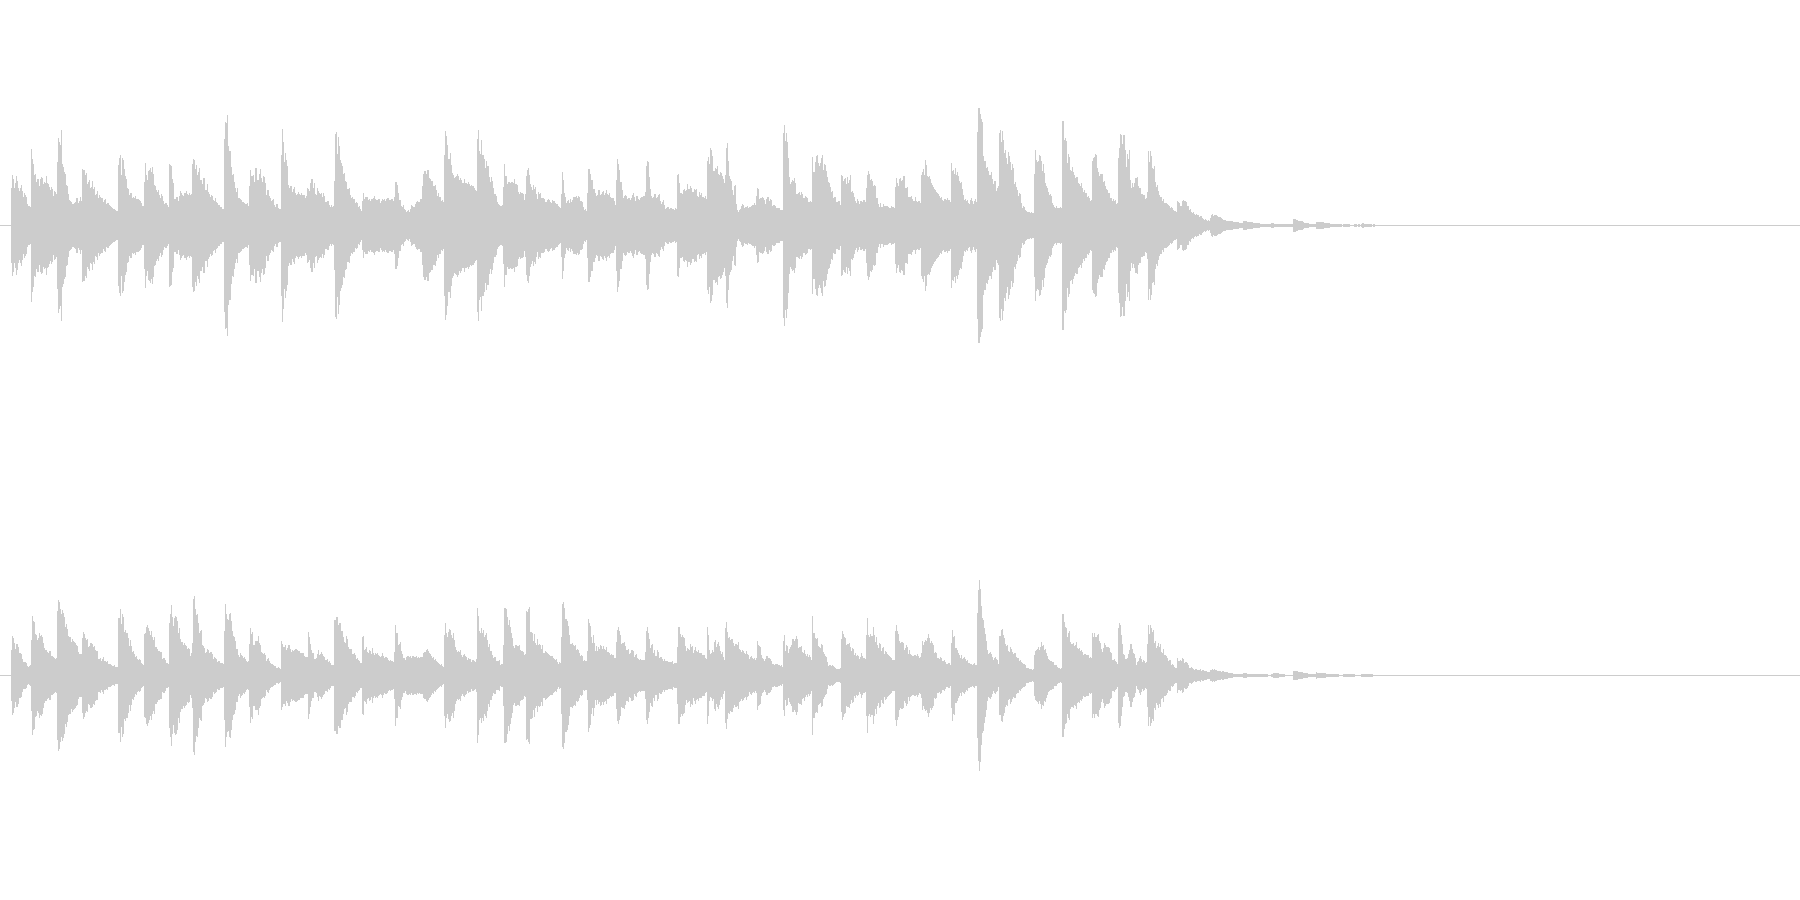 和製ベルの鈴(れい)の清らかな音の未再生の波形